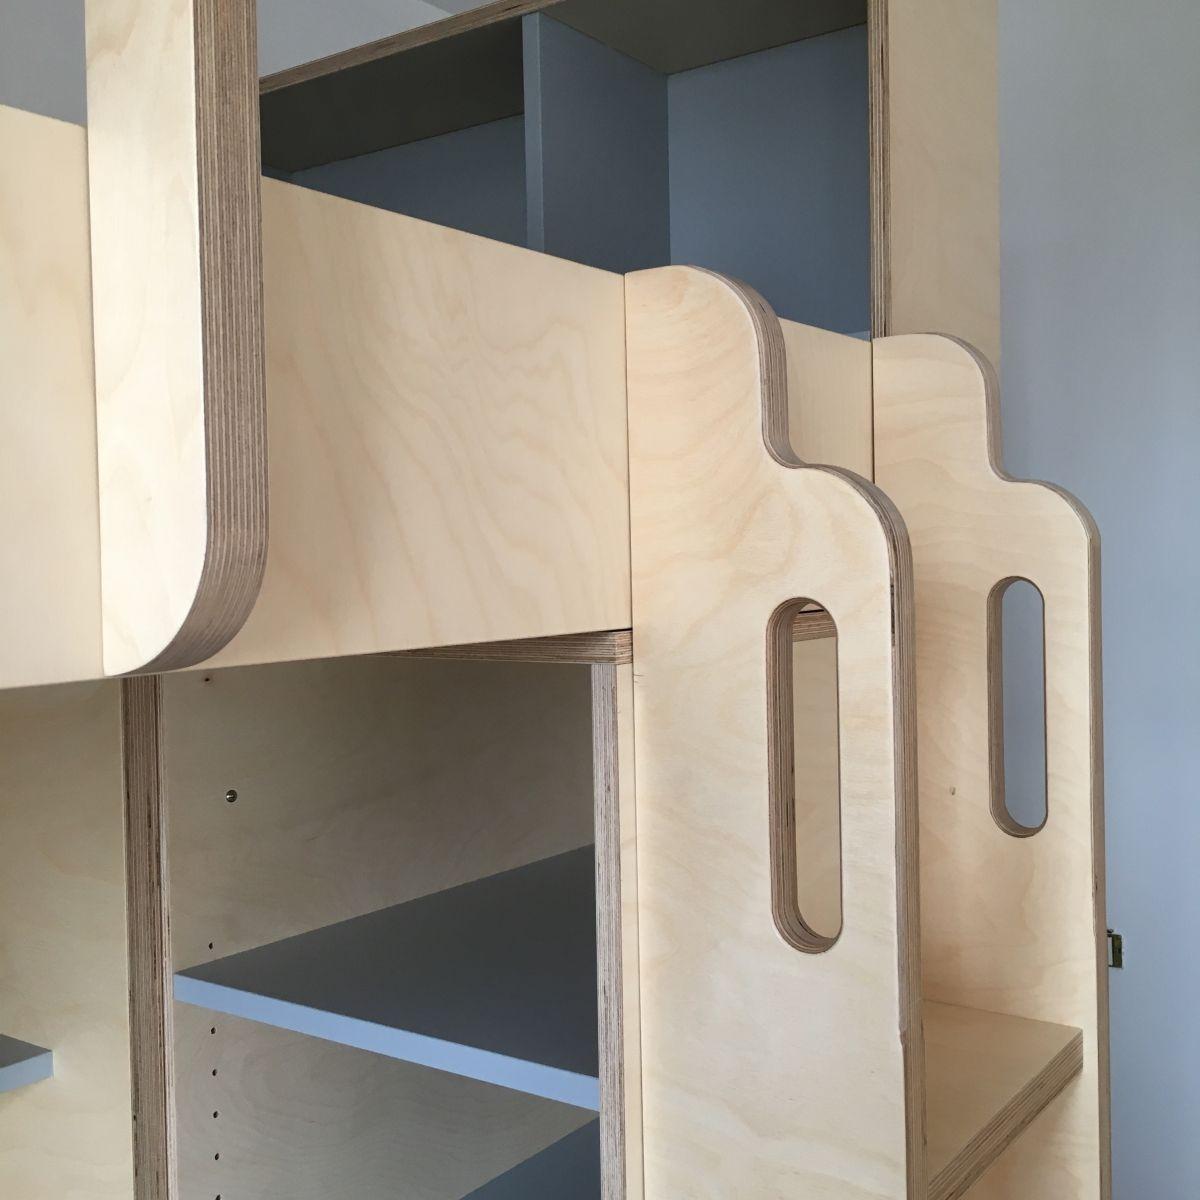 lit mezzanine sur mesure pour grand ado avec espace bureau et rangement dressing et rangement. Black Bedroom Furniture Sets. Home Design Ideas